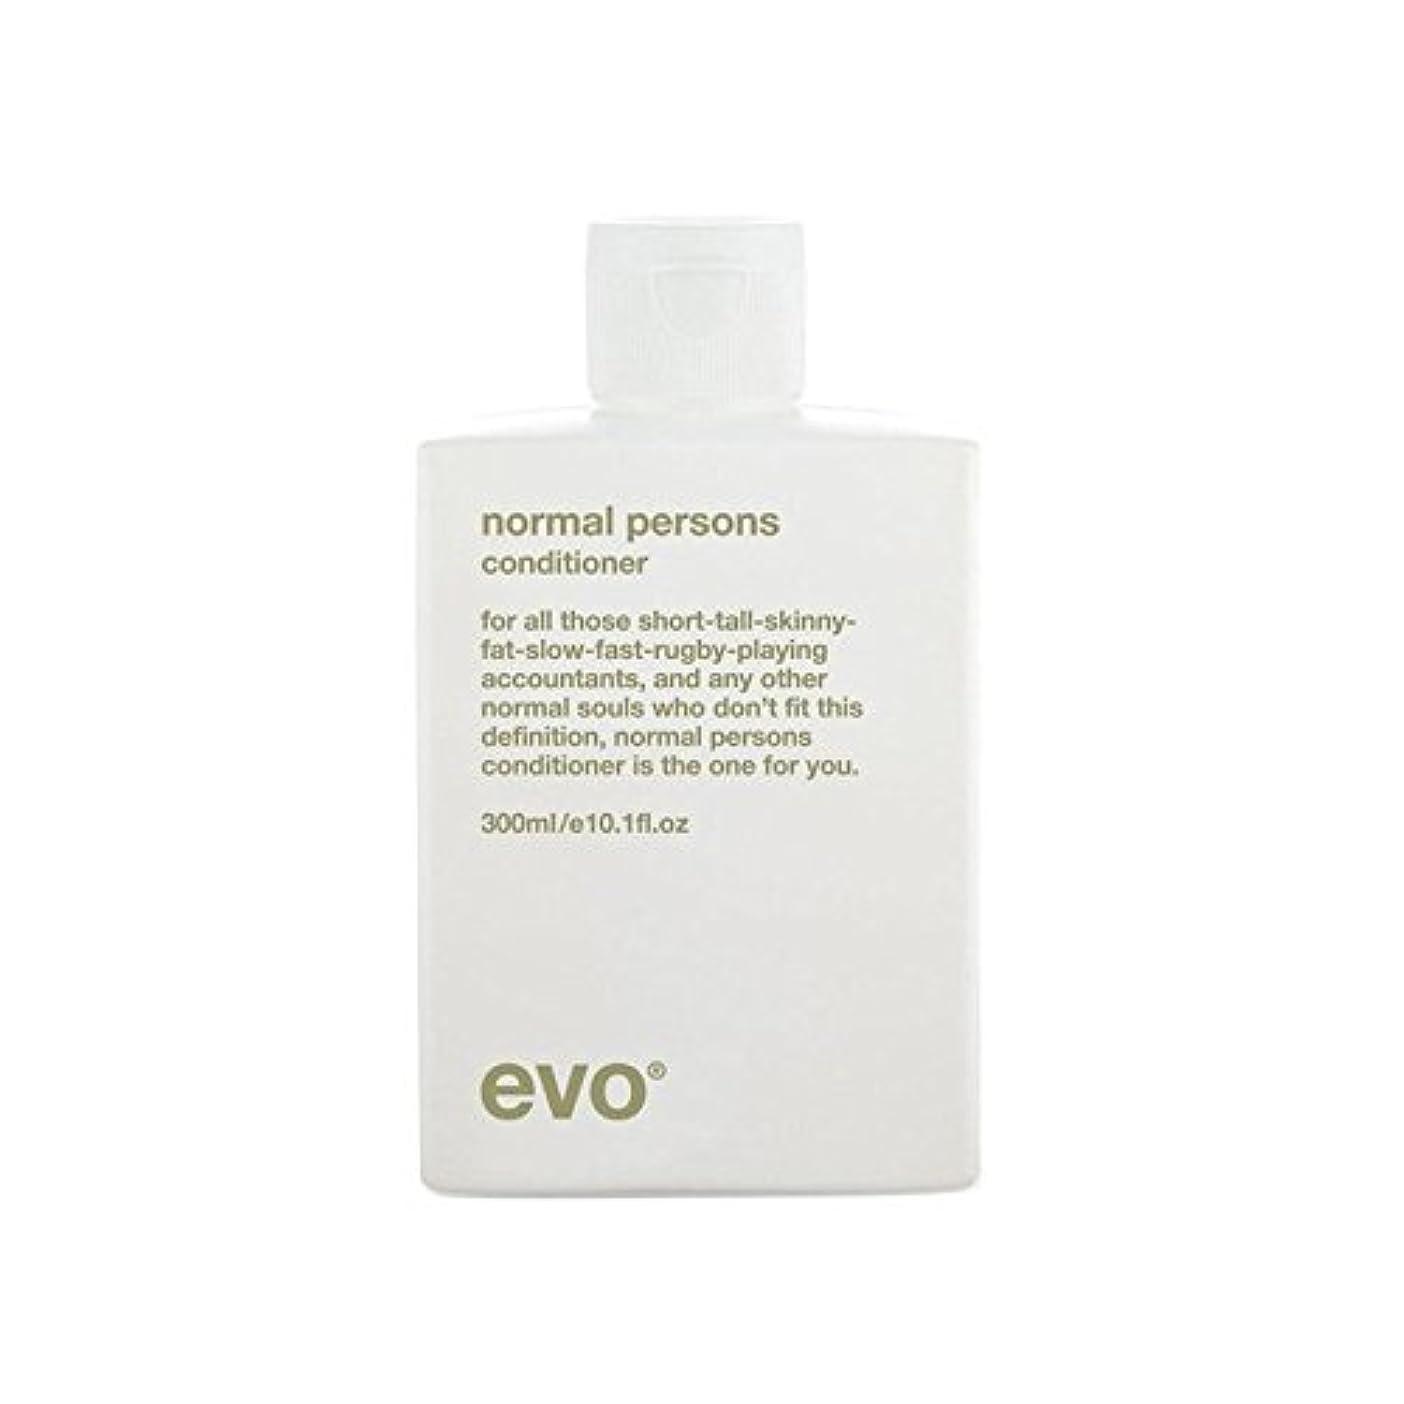 財団パントリー近傍エボ正常人コンディショナー(300ミリリットル) x2 - Evo Normal Persons Conditioner (300ml) (Pack of 2) [並行輸入品]